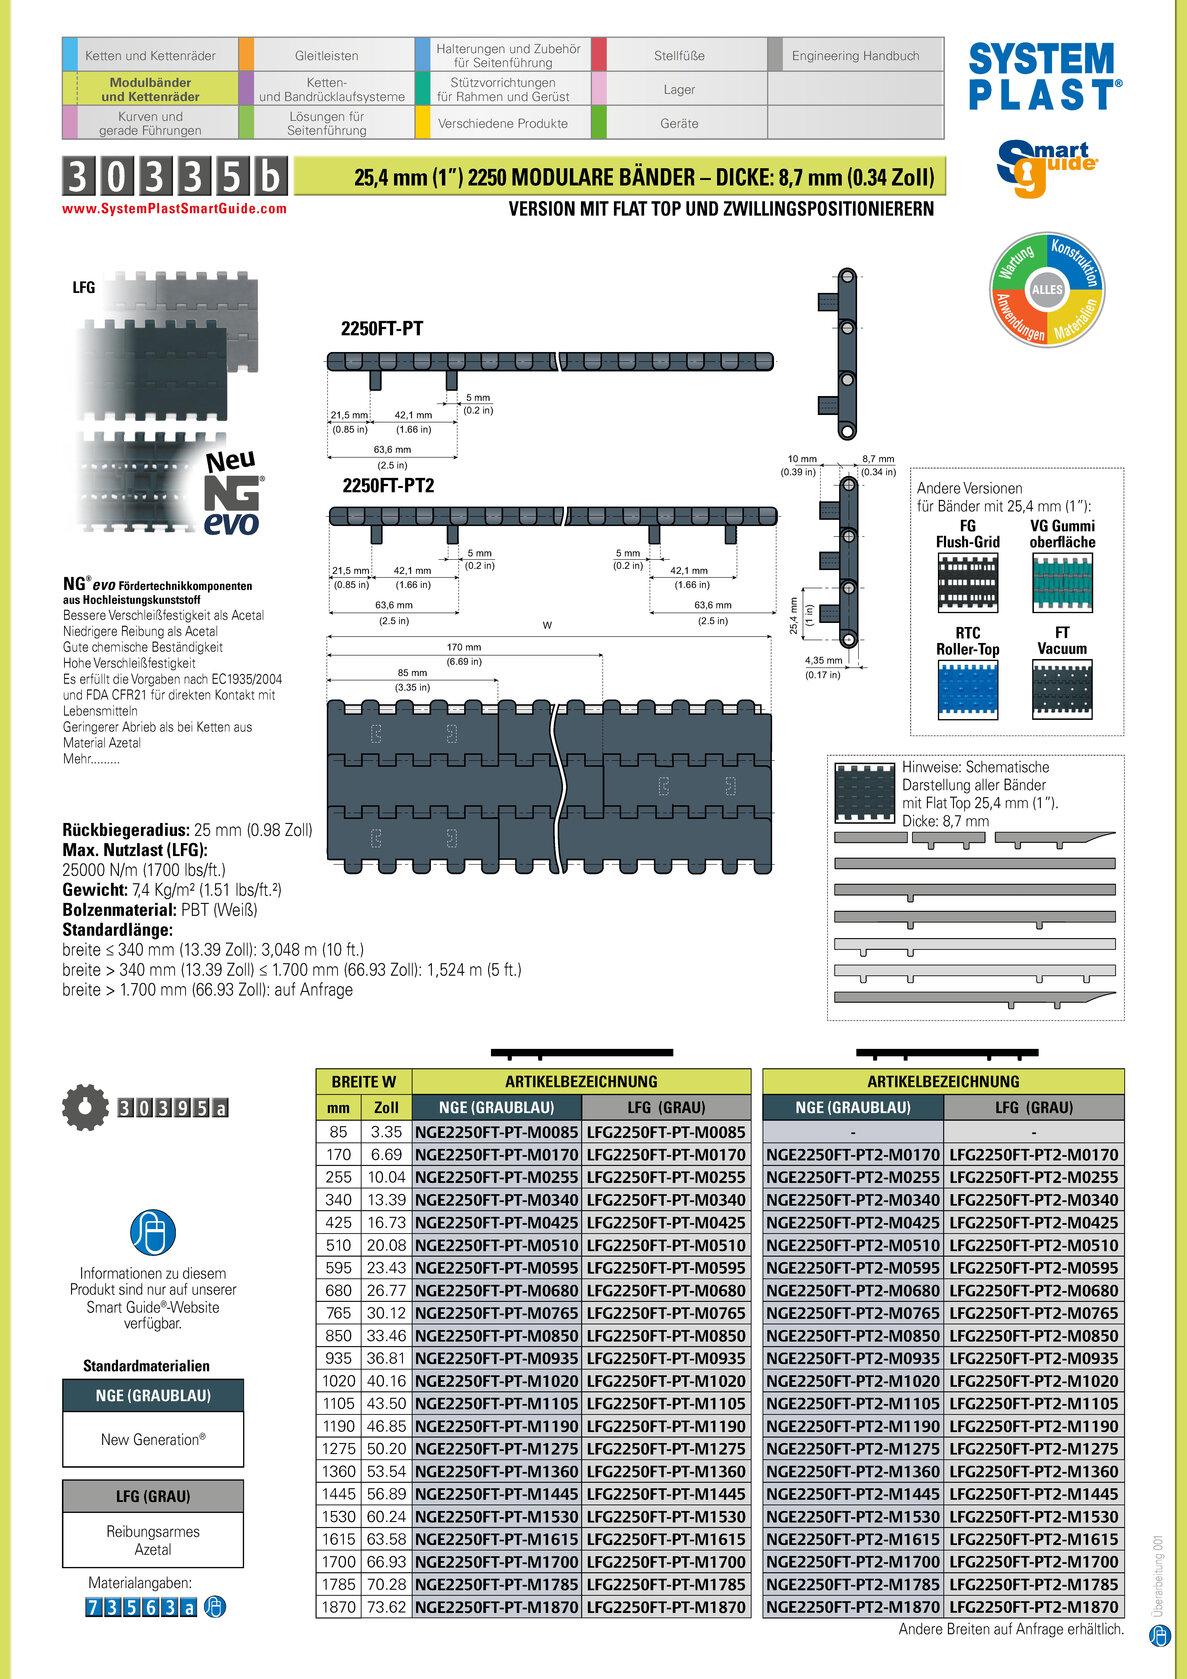 Tolle Simplex Rauchmelder Schaltpläne Fotos - Elektrische Schaltplan ...